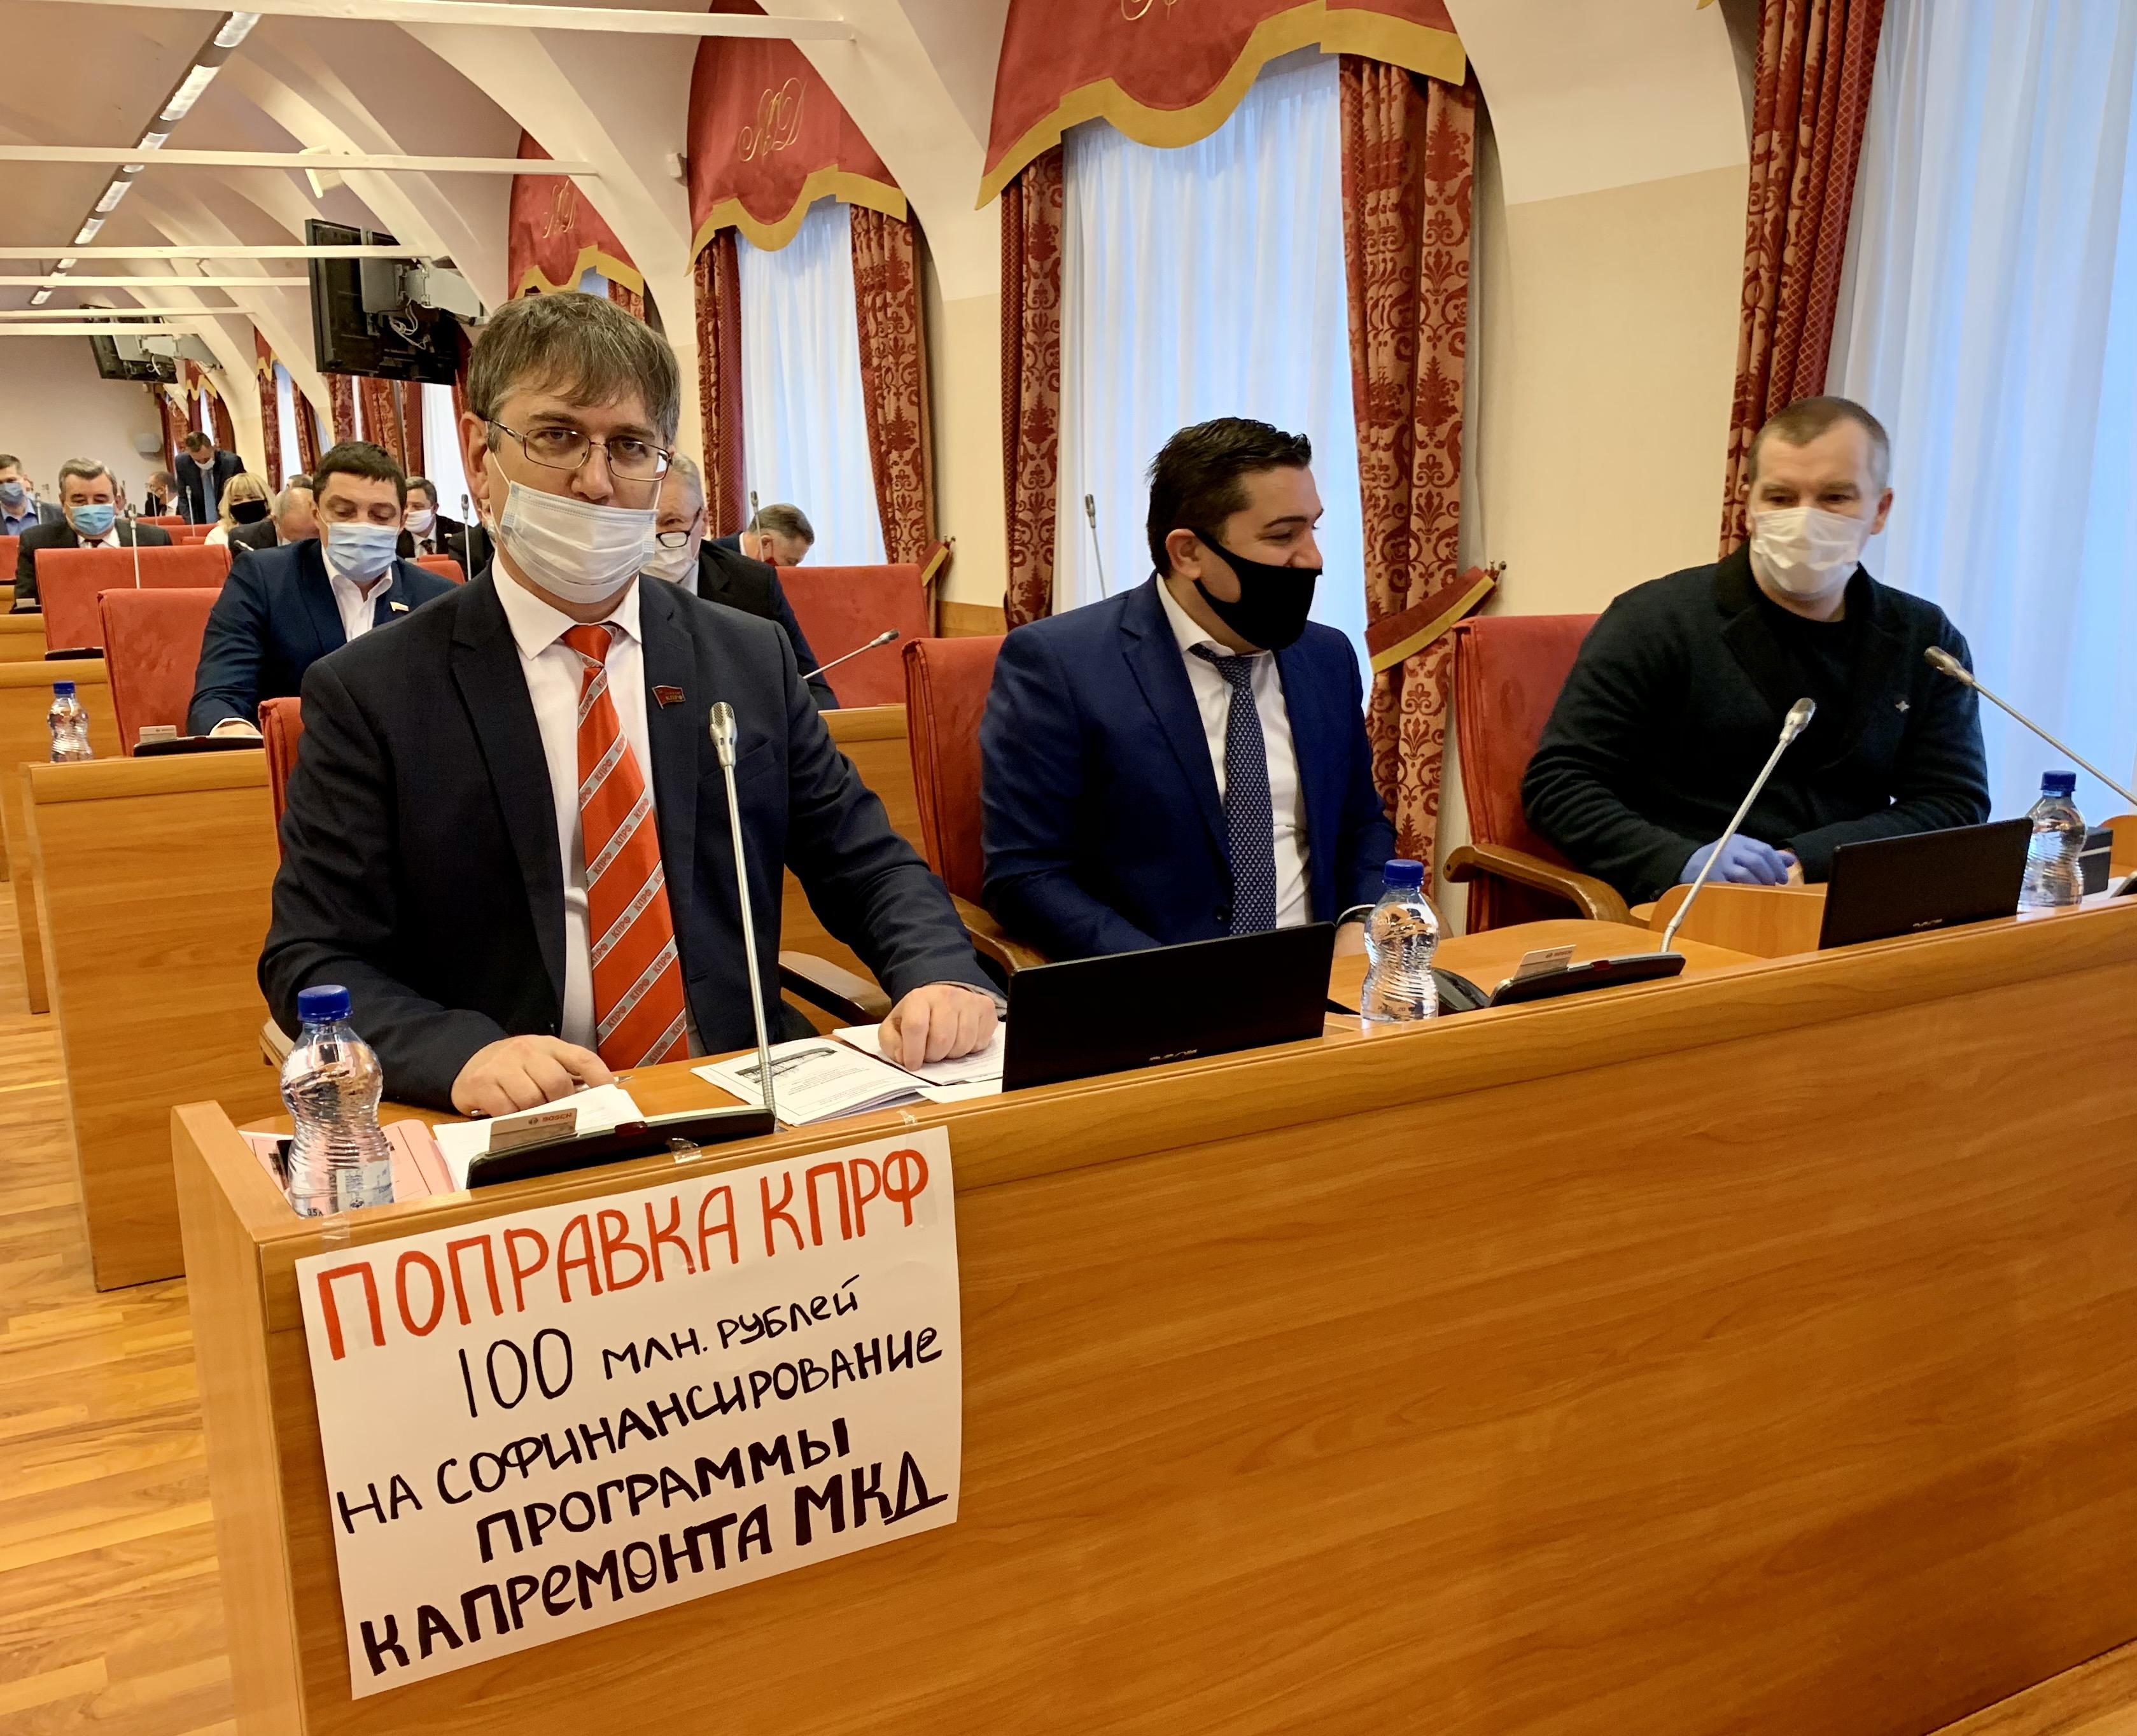 ПОПРАВКА КПРФ: 100 млн. рублей на софинансирование программы капремонта МКД